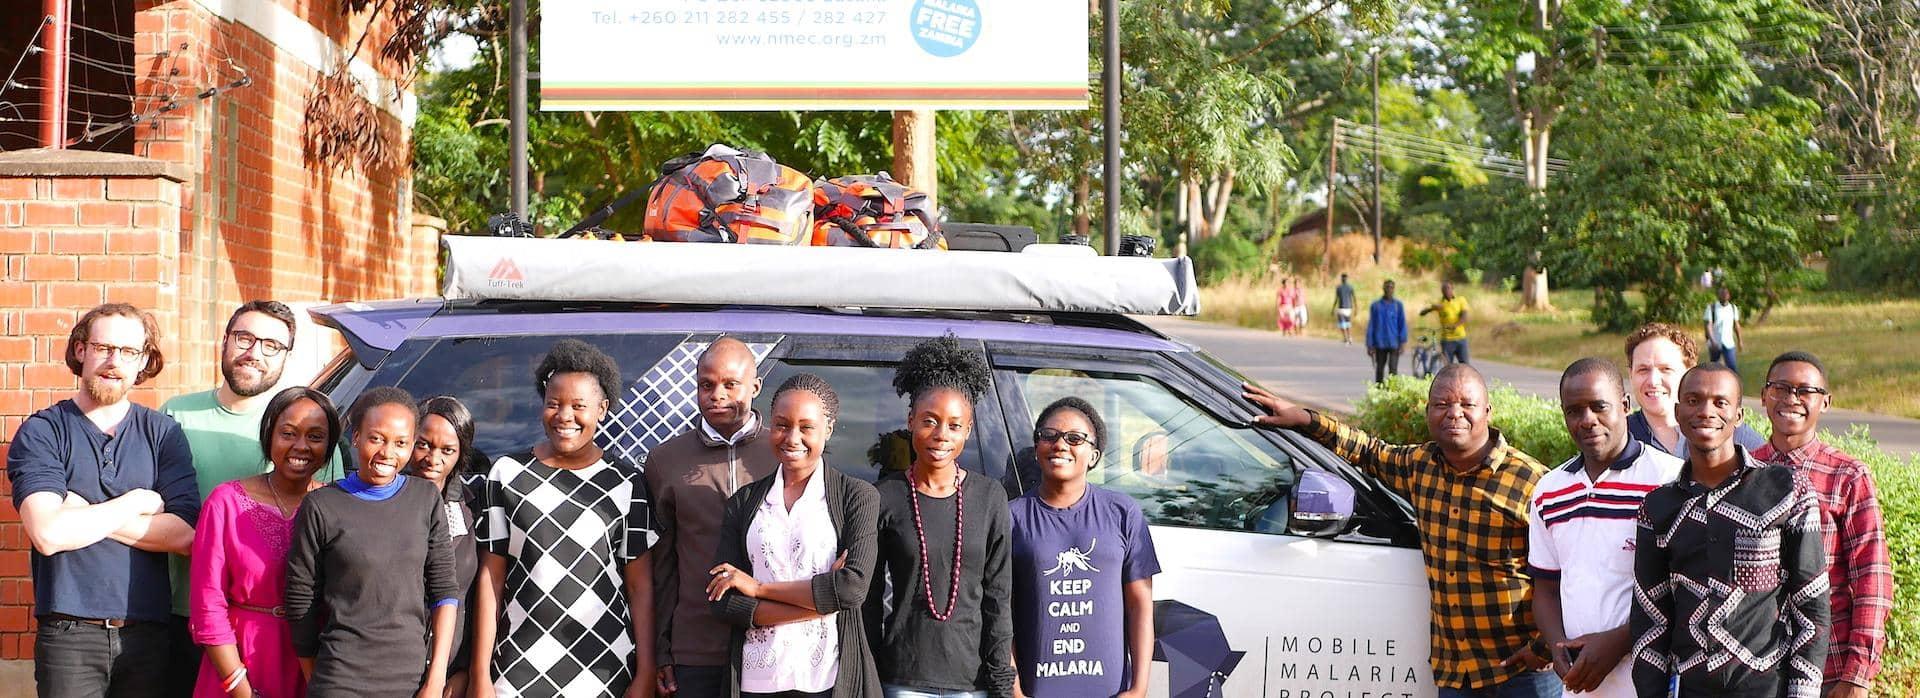 Mobile Malaria Project Team